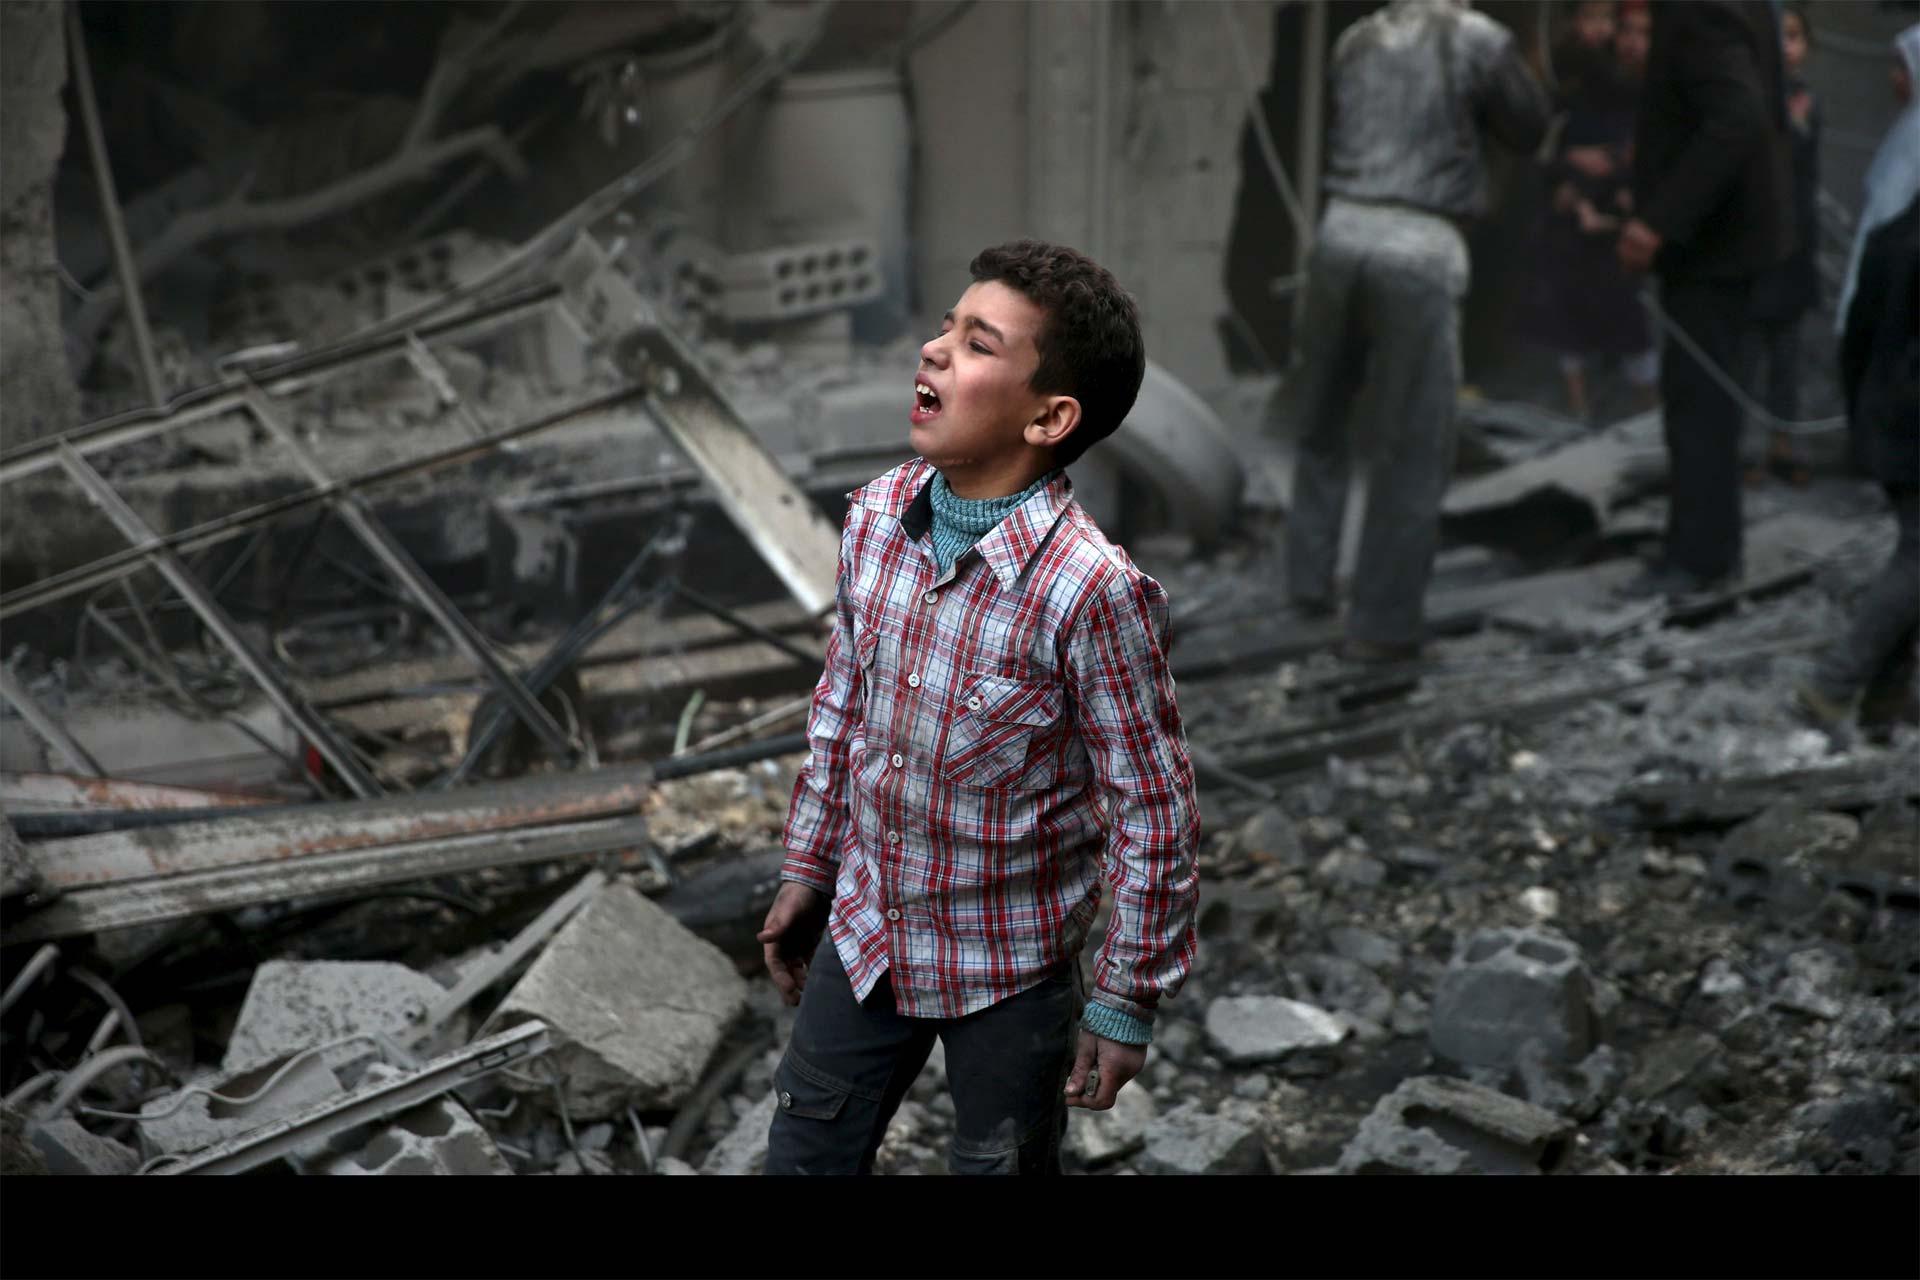 En Siria, dos recintos escolares sufrieron ataques. En uno de ellos, se sospecha de Rusia como posible autor